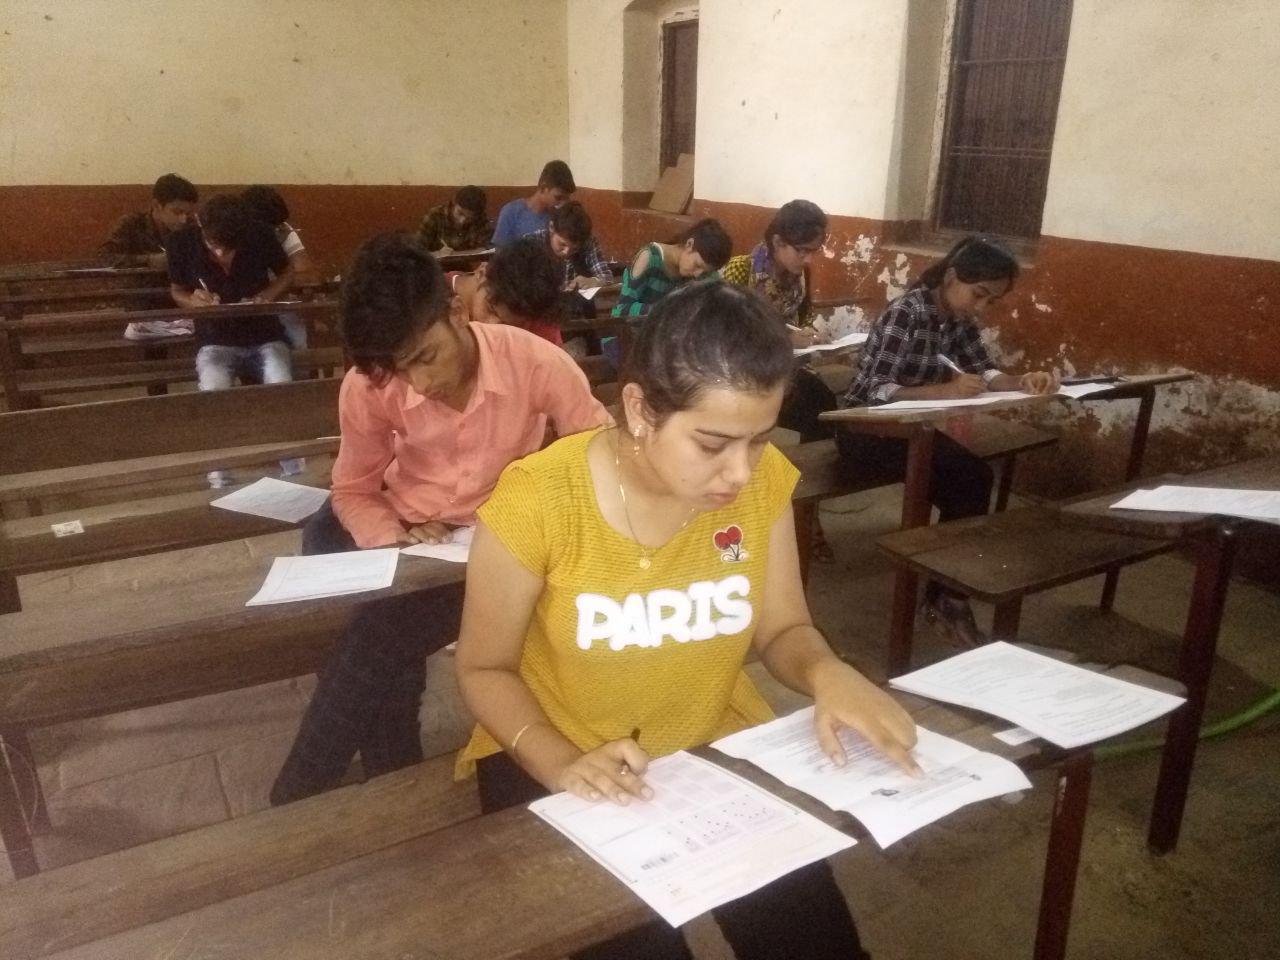 डीडीयू की प्रवेश परीक्षाएं संपन्न, अंतिम दिन 13 हजार से अधिक ने दी परीक्षा